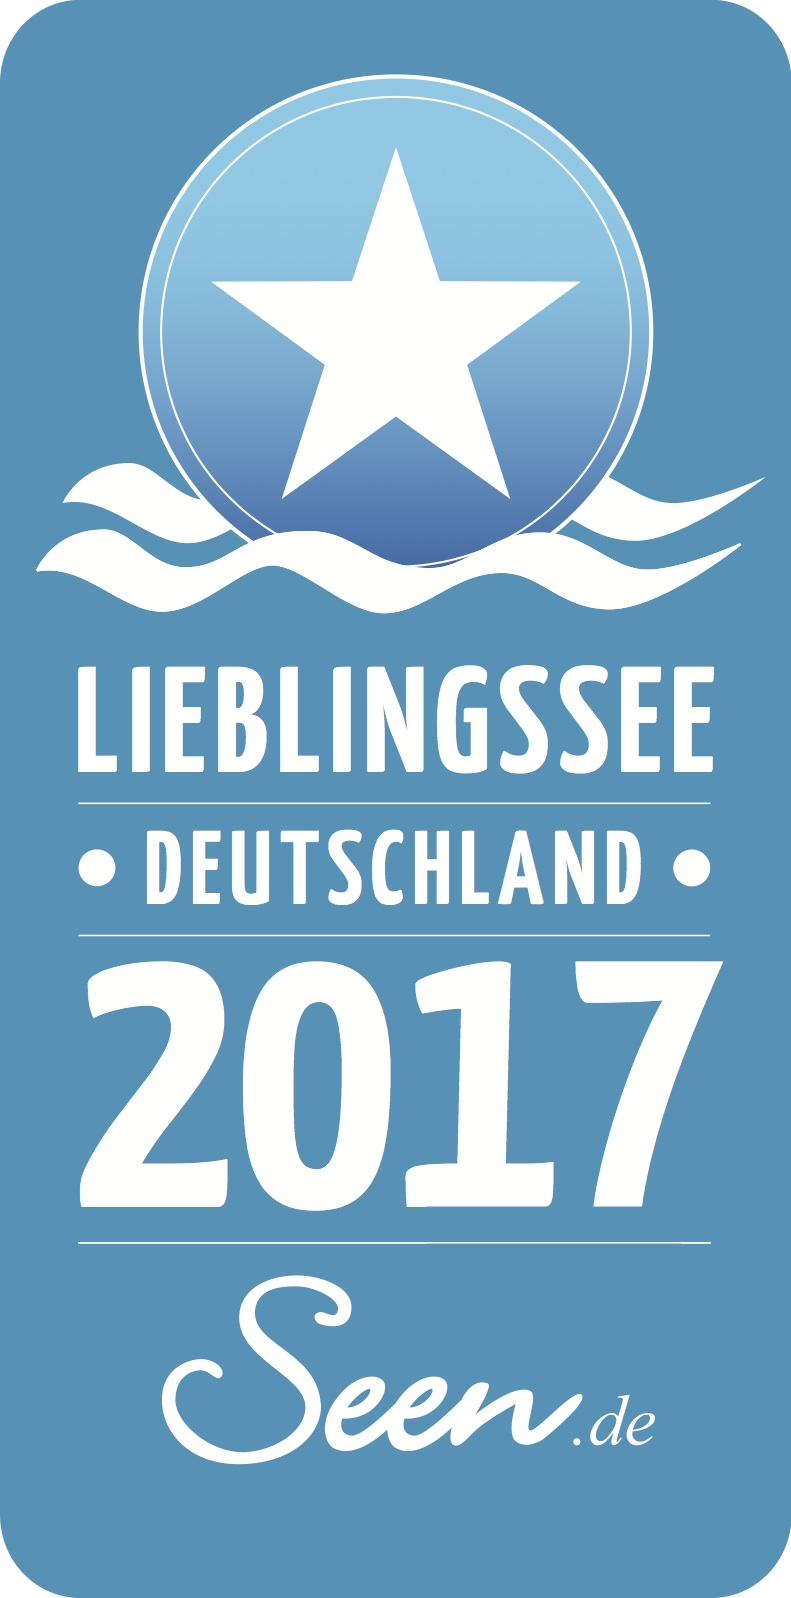 Lieblingssee-2017-Deutschland.jpg